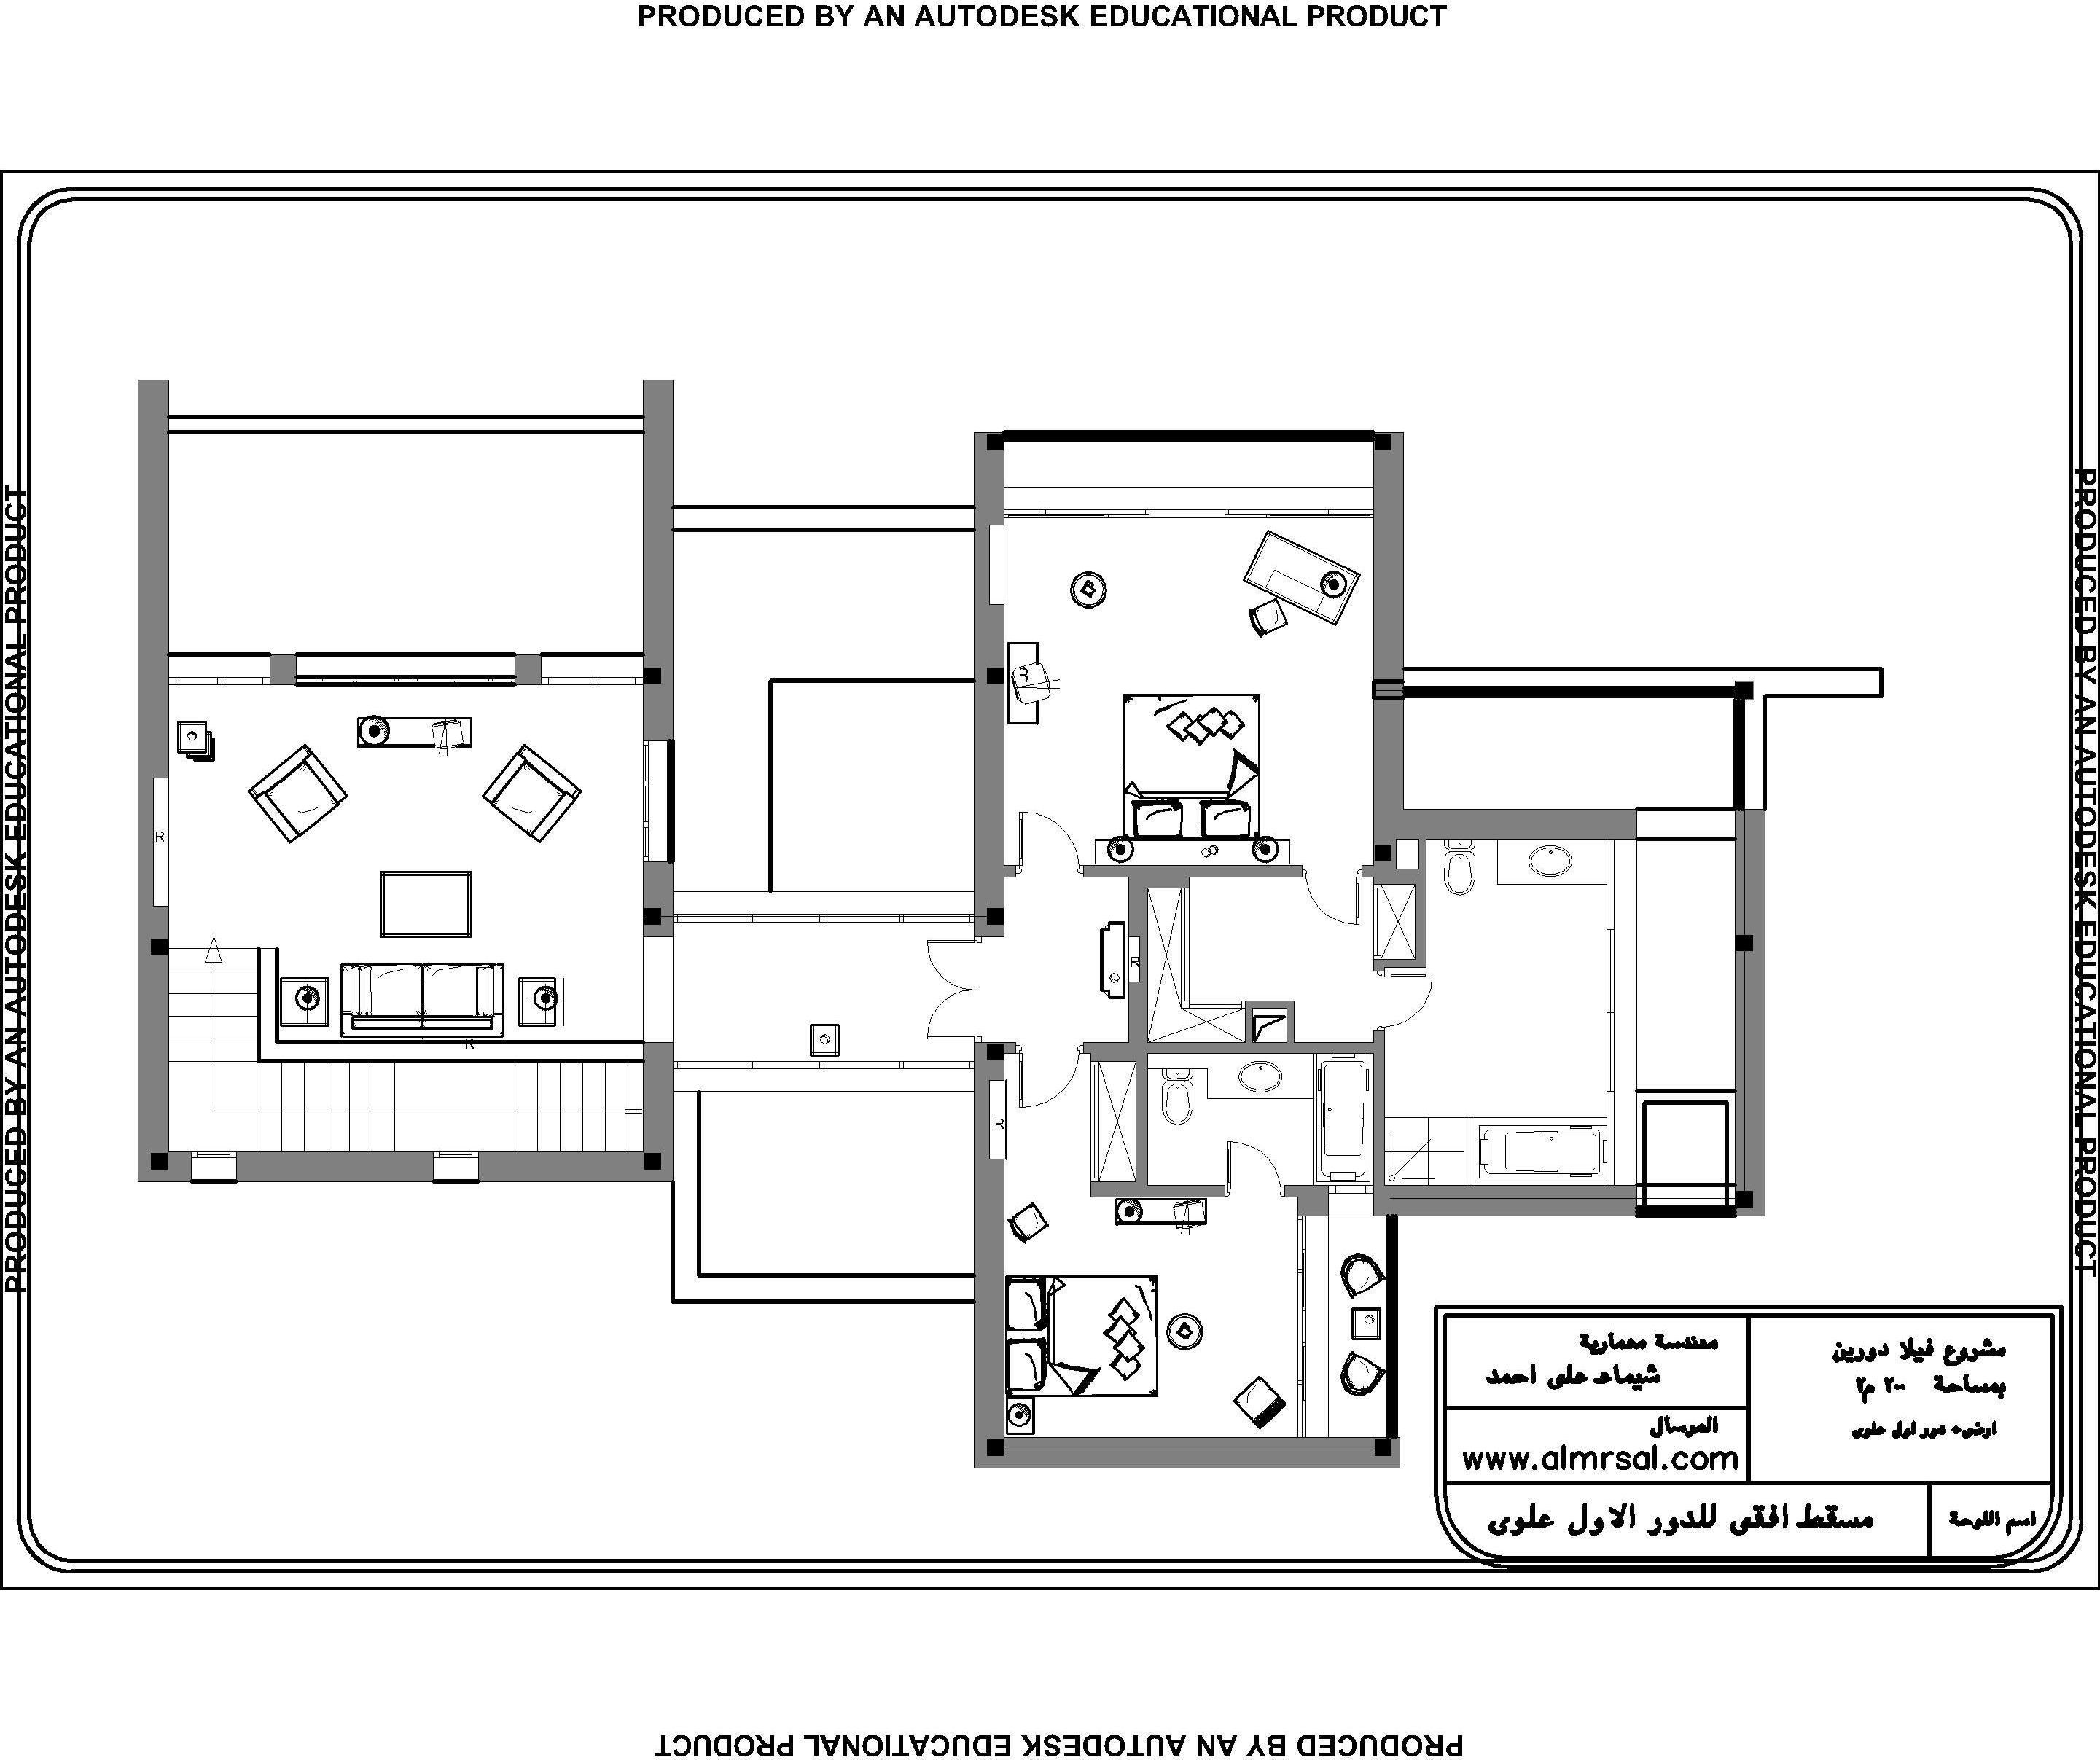 مسقط افقي للدور الاول علوي لفيلا دوبلكس 200م2 Design Floor Plans Interior Design